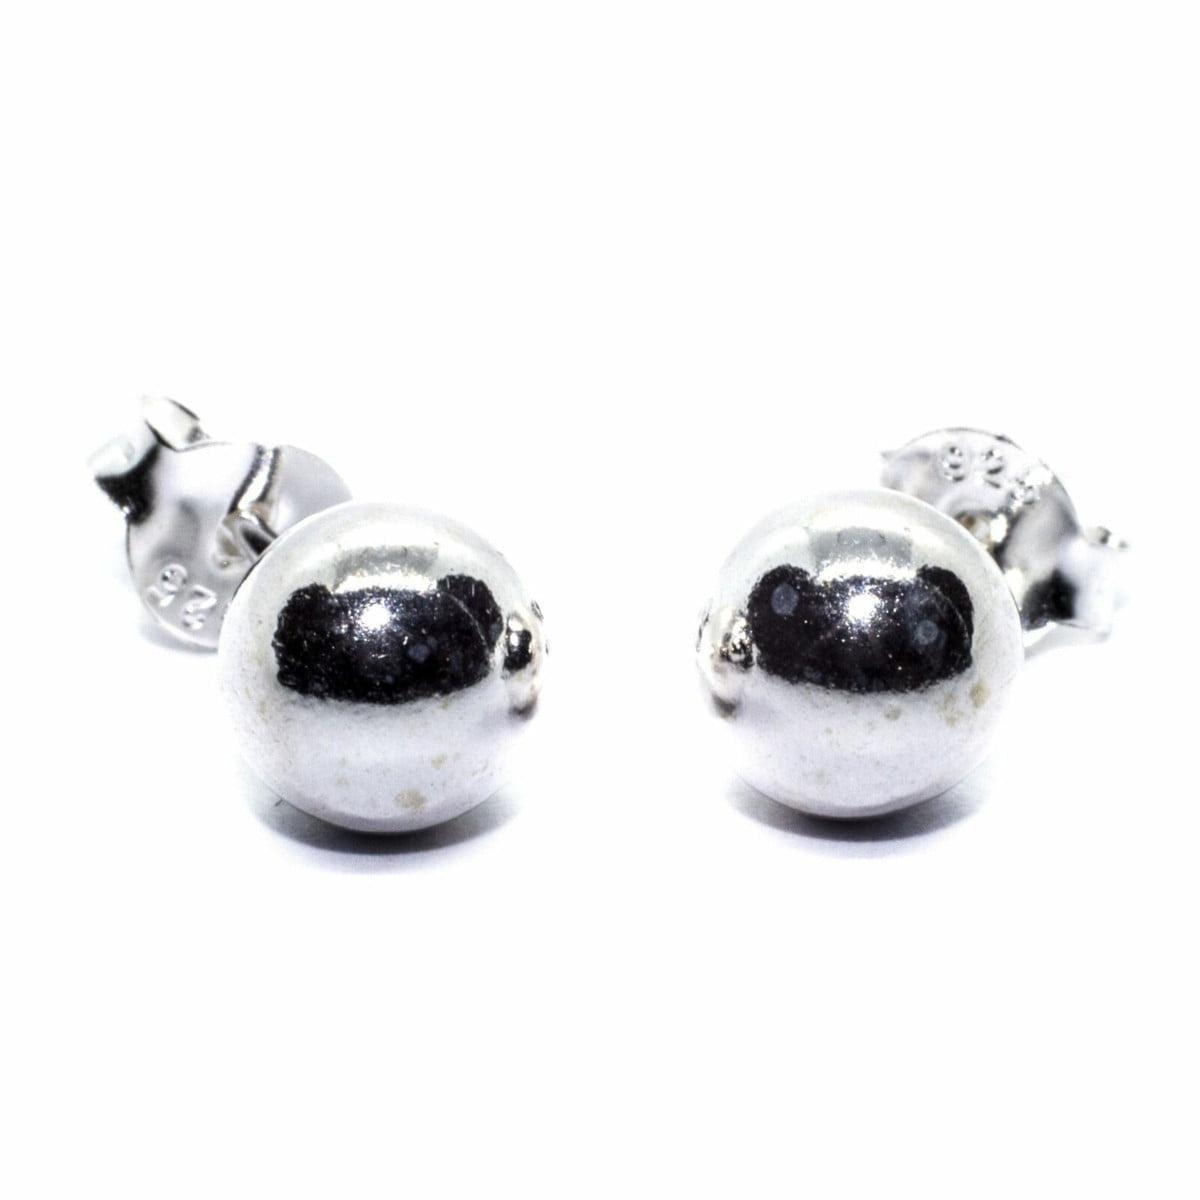 6 mm ball stud earrings in sterling silver 1